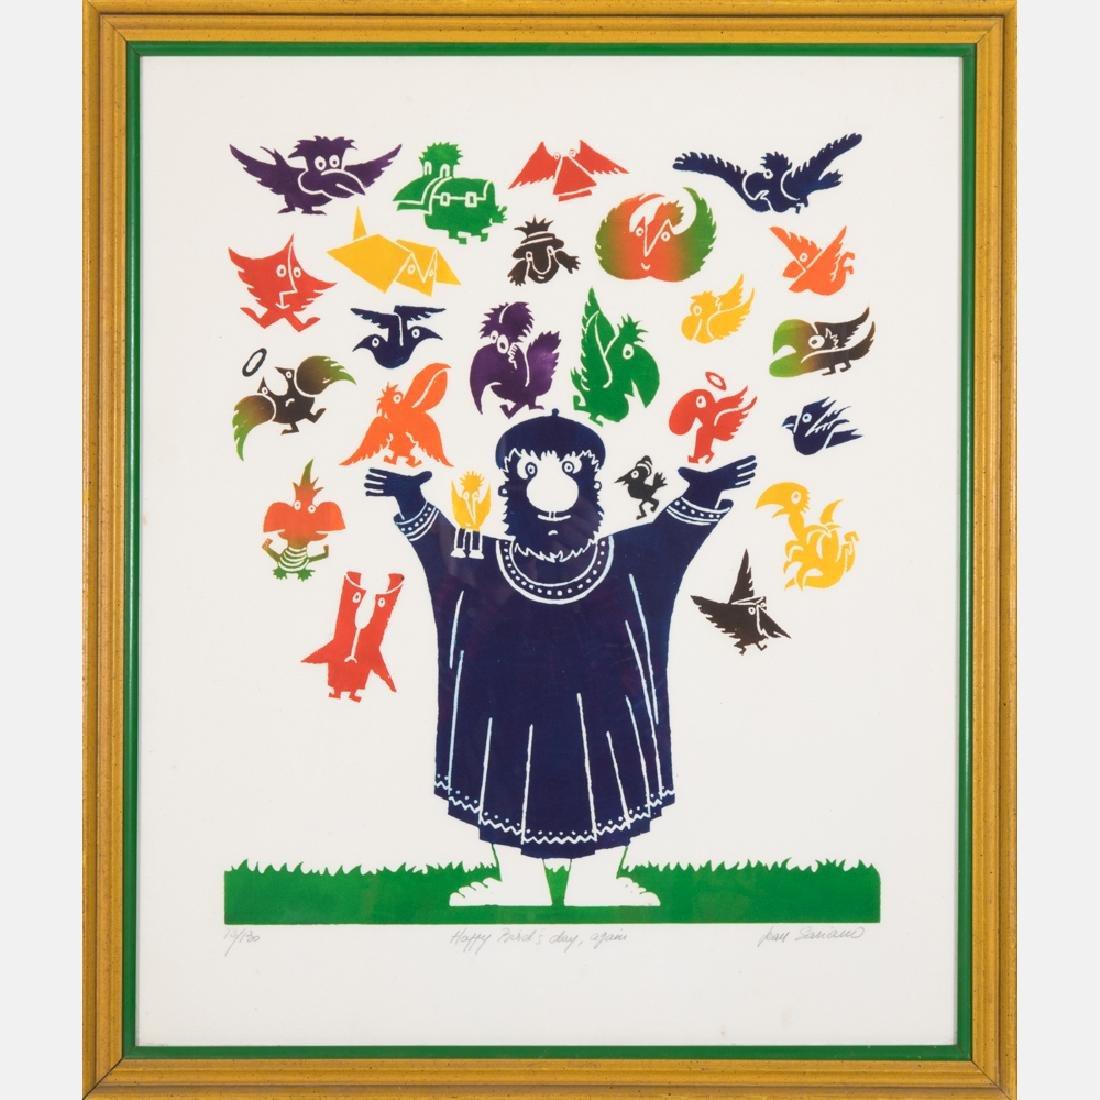 Jean Sariano (b. 1943) Happy Bird's Day Again, Intaglio